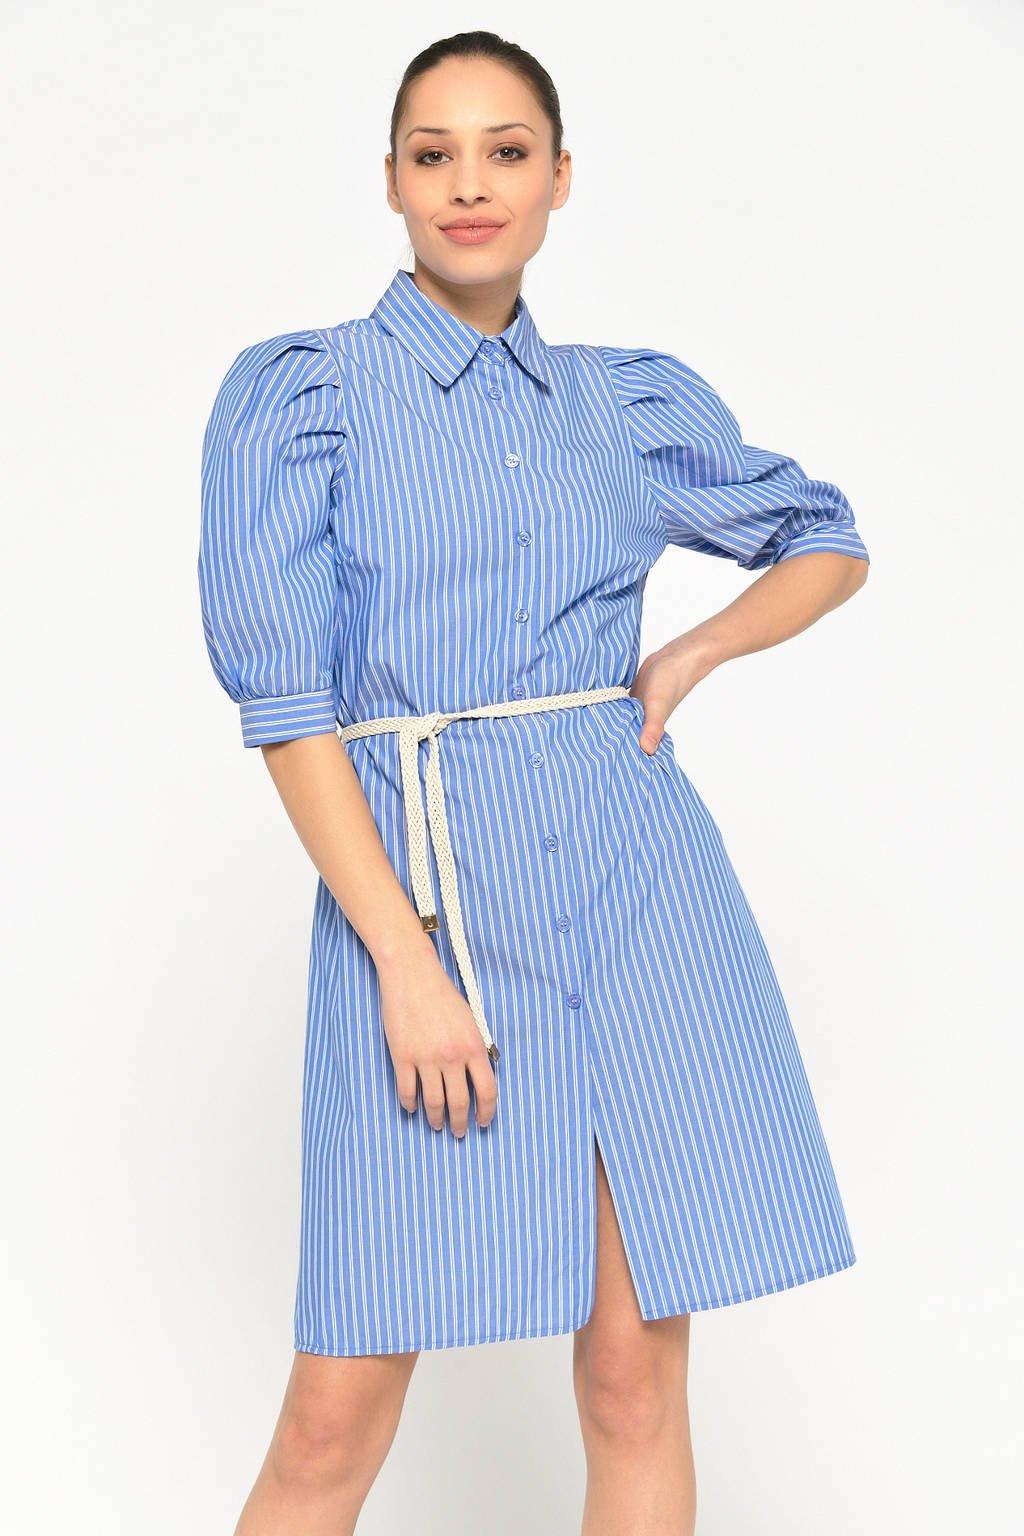 LOLALIZA gestreepte blousejurk blauw/wit, Blauw/wit